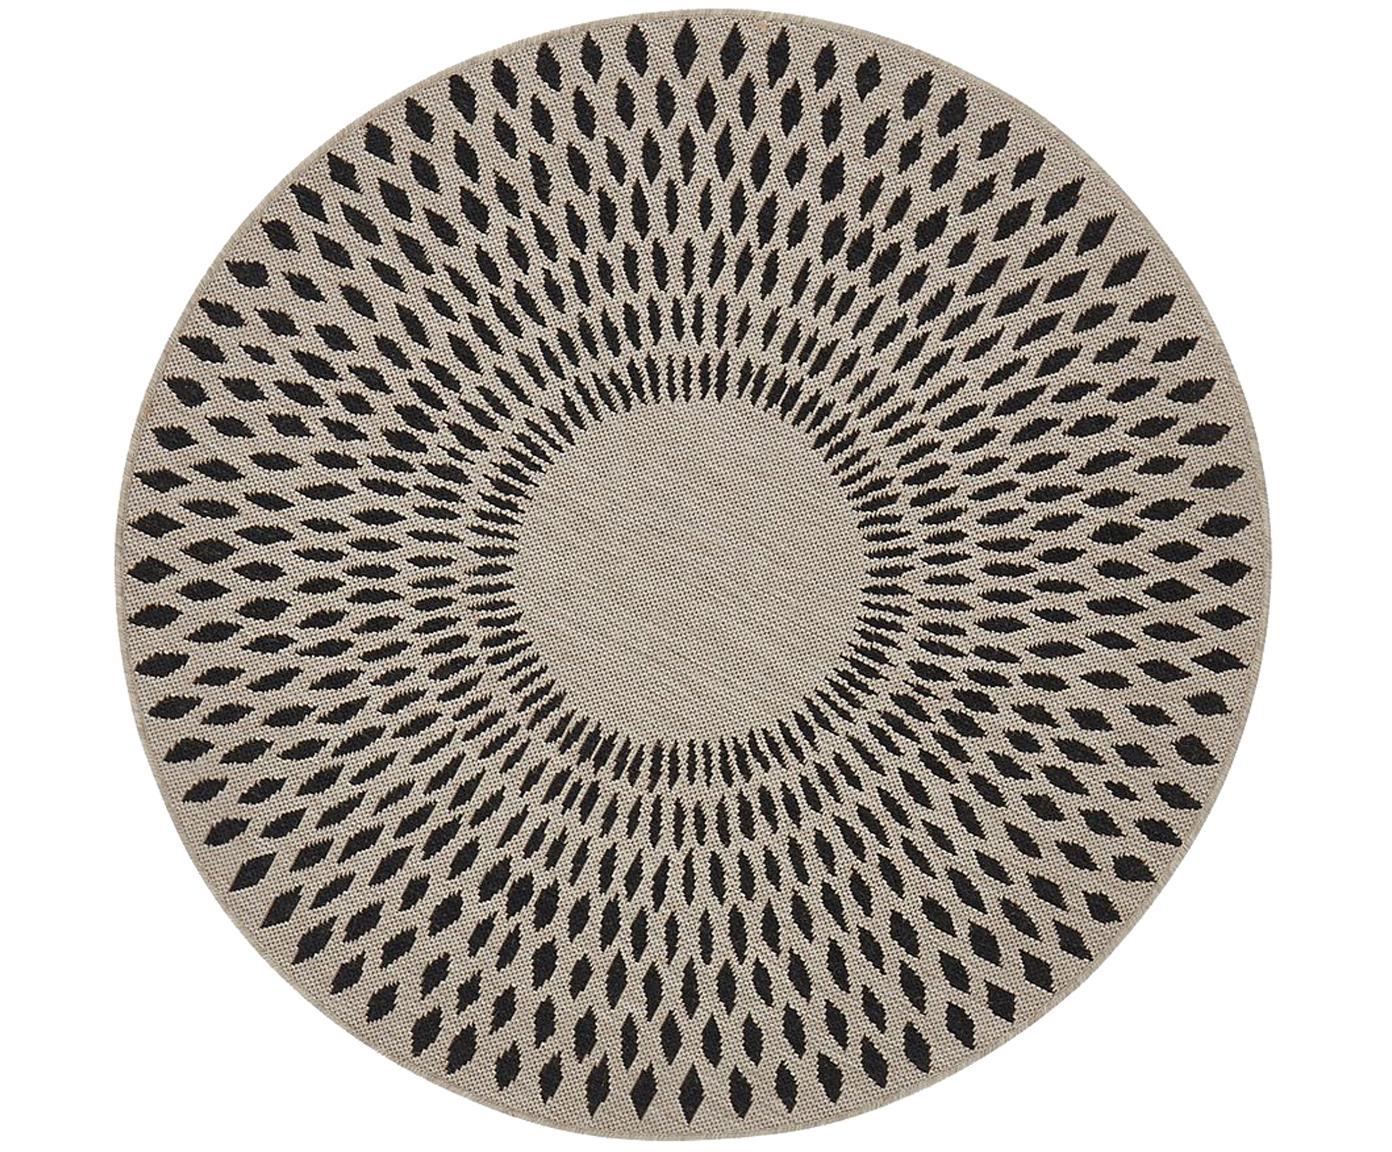 Okrągły dywan wewnętrzny/zewnętrzny Agna, 90% polipropylen, 10% poliester, Odcienie piaskowego, antracytowy, Ø 120 cm (Rozmiar S)